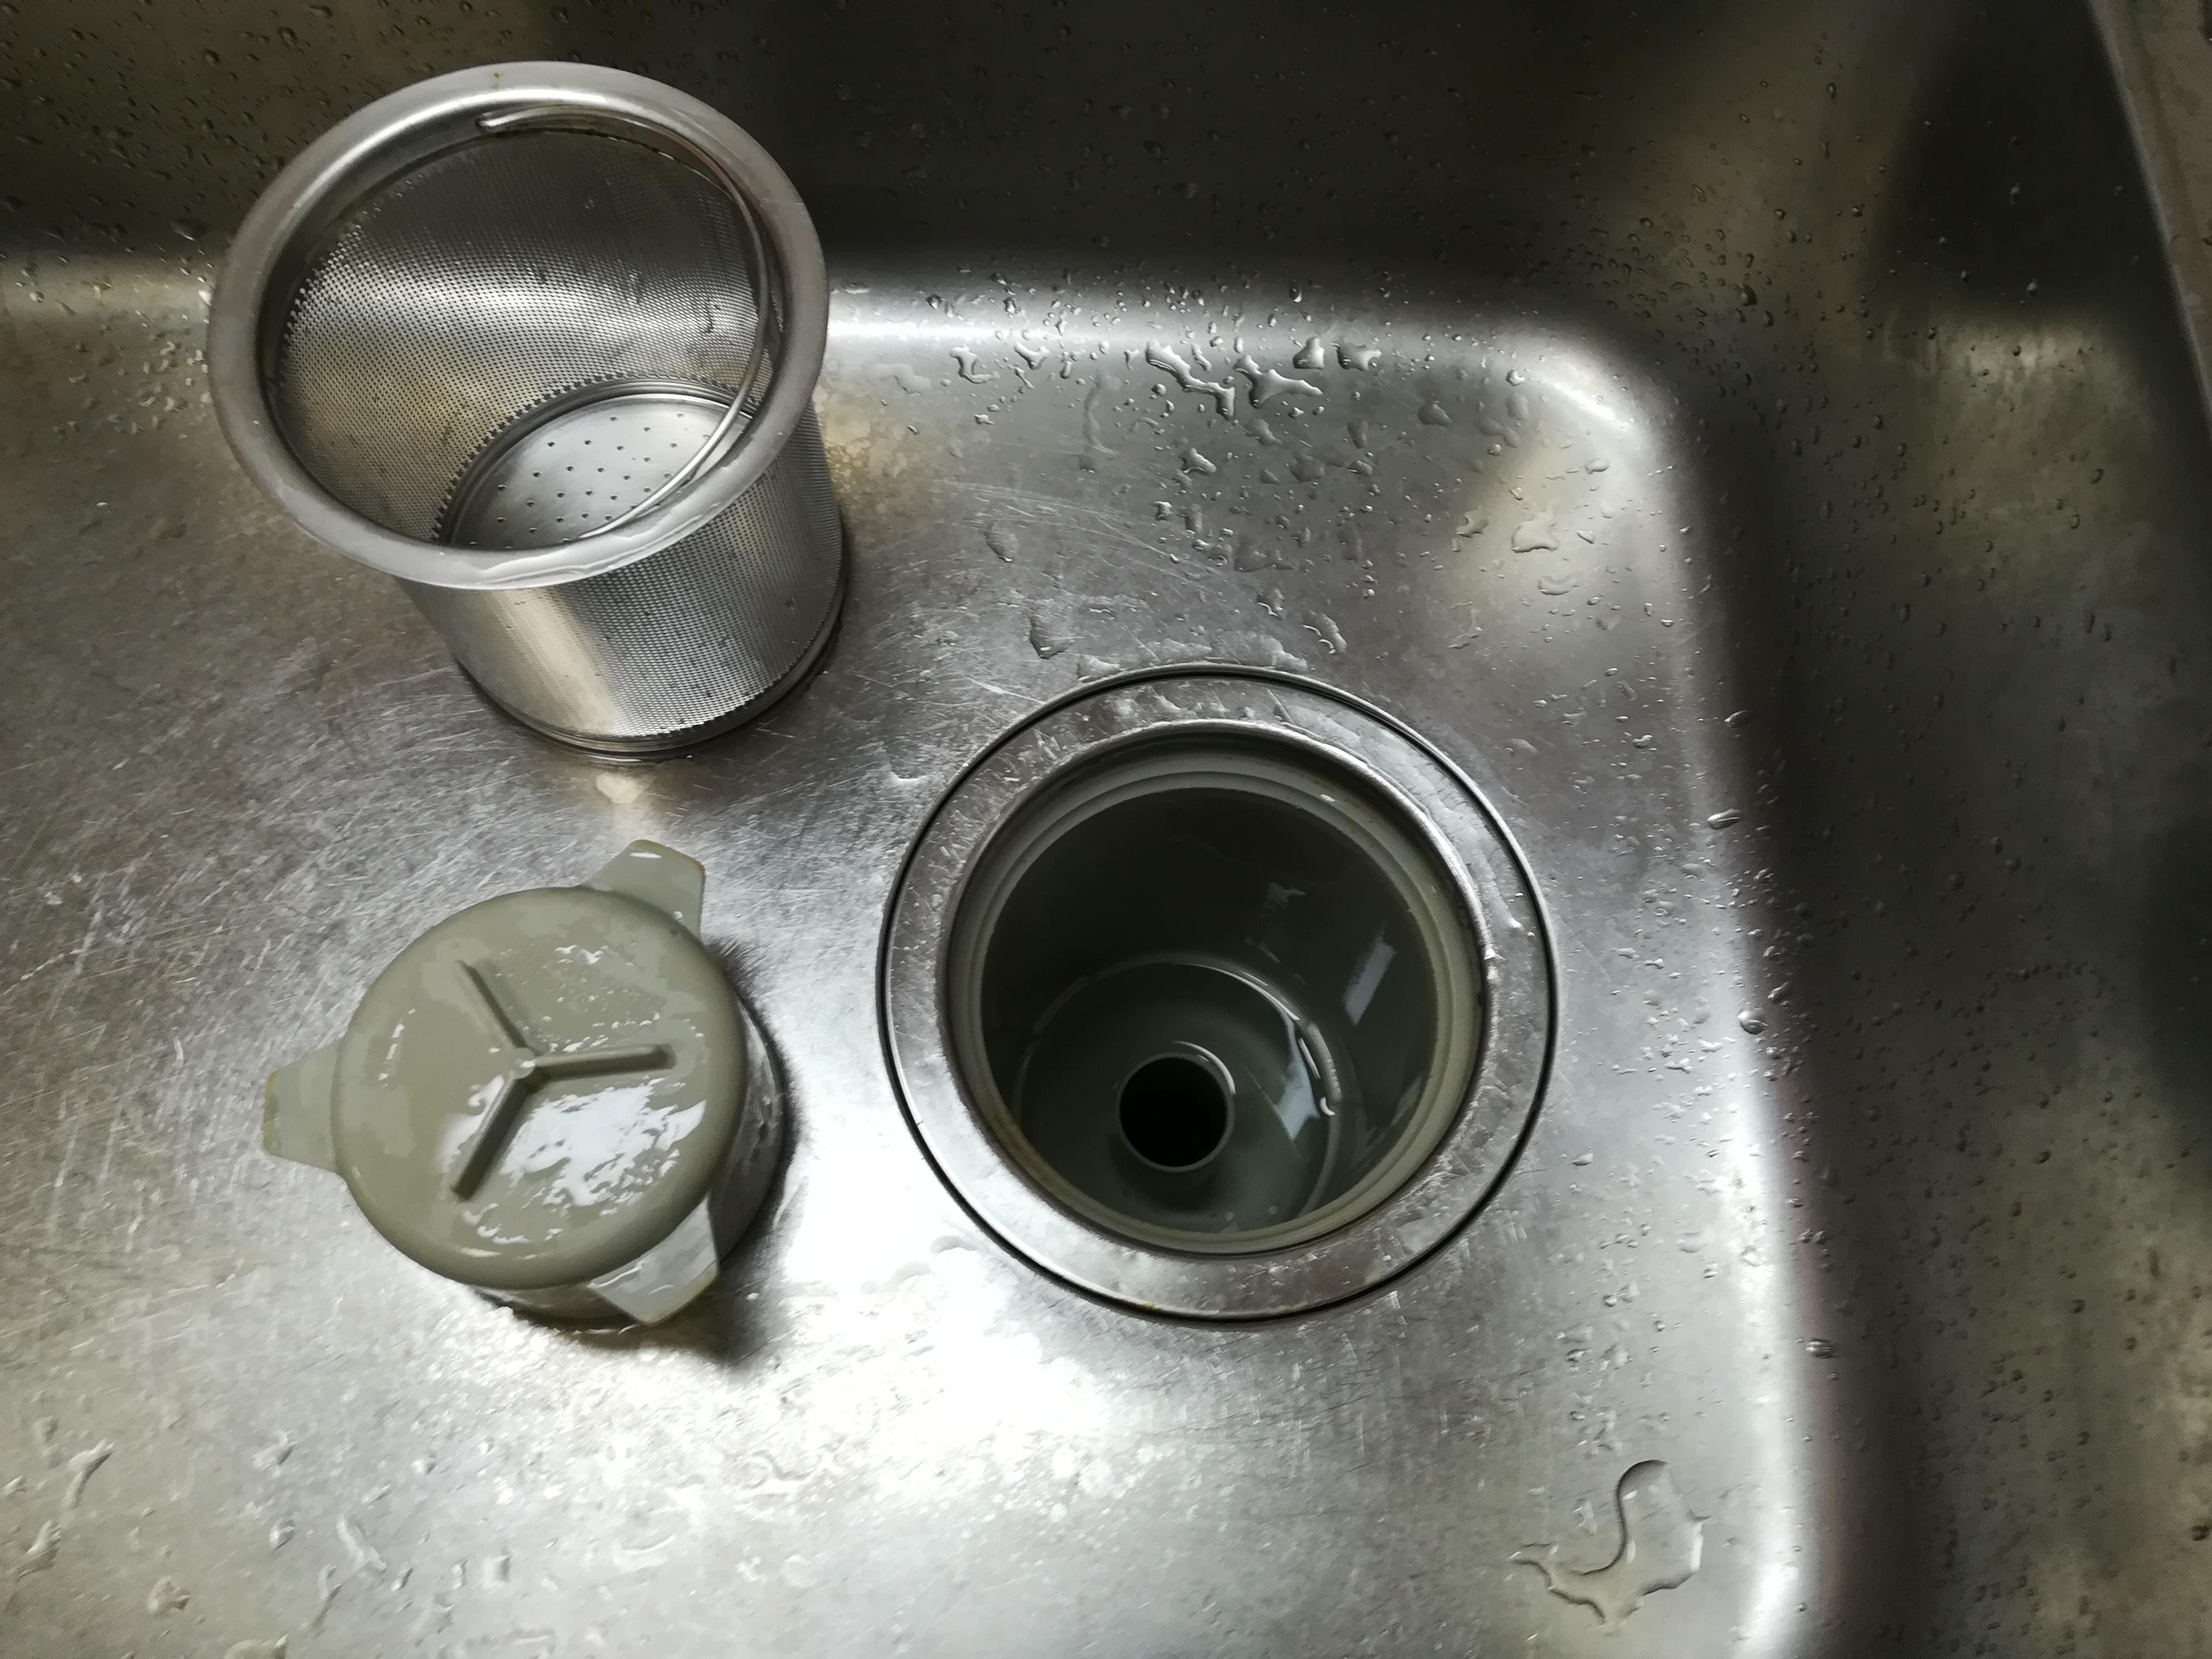 排水溝のゴミ受け、排水トラップを取り外す